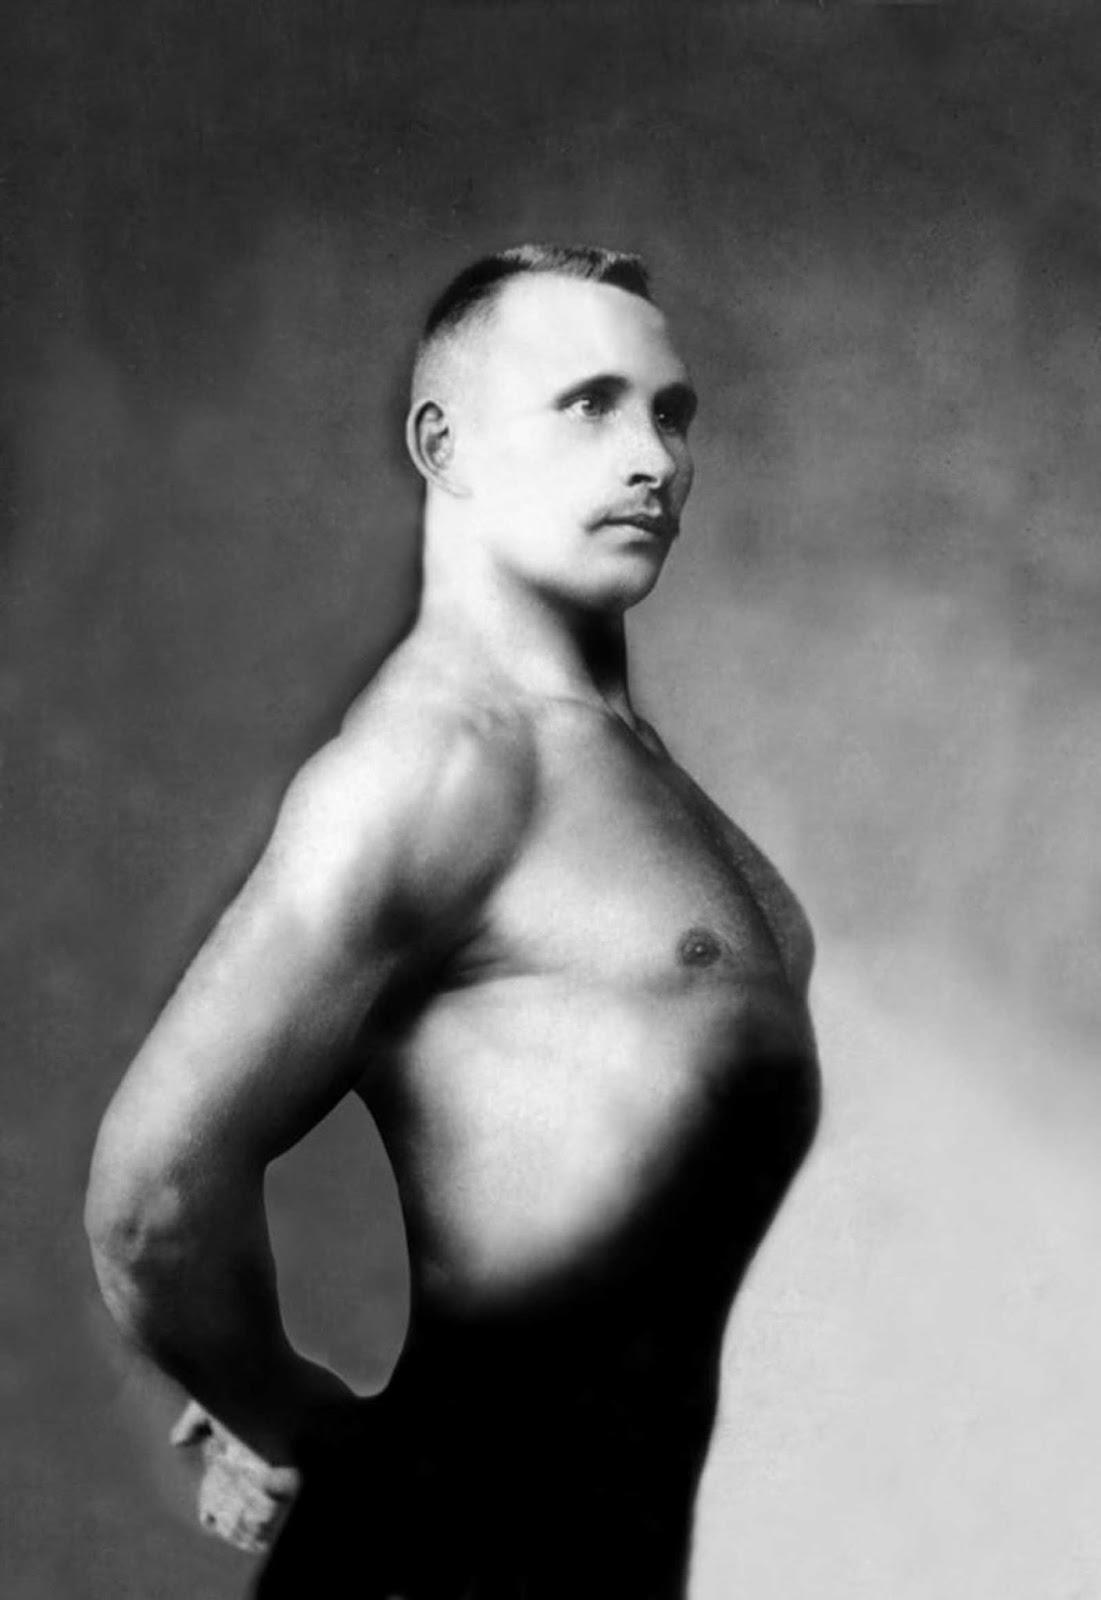 Homem fazendo pose